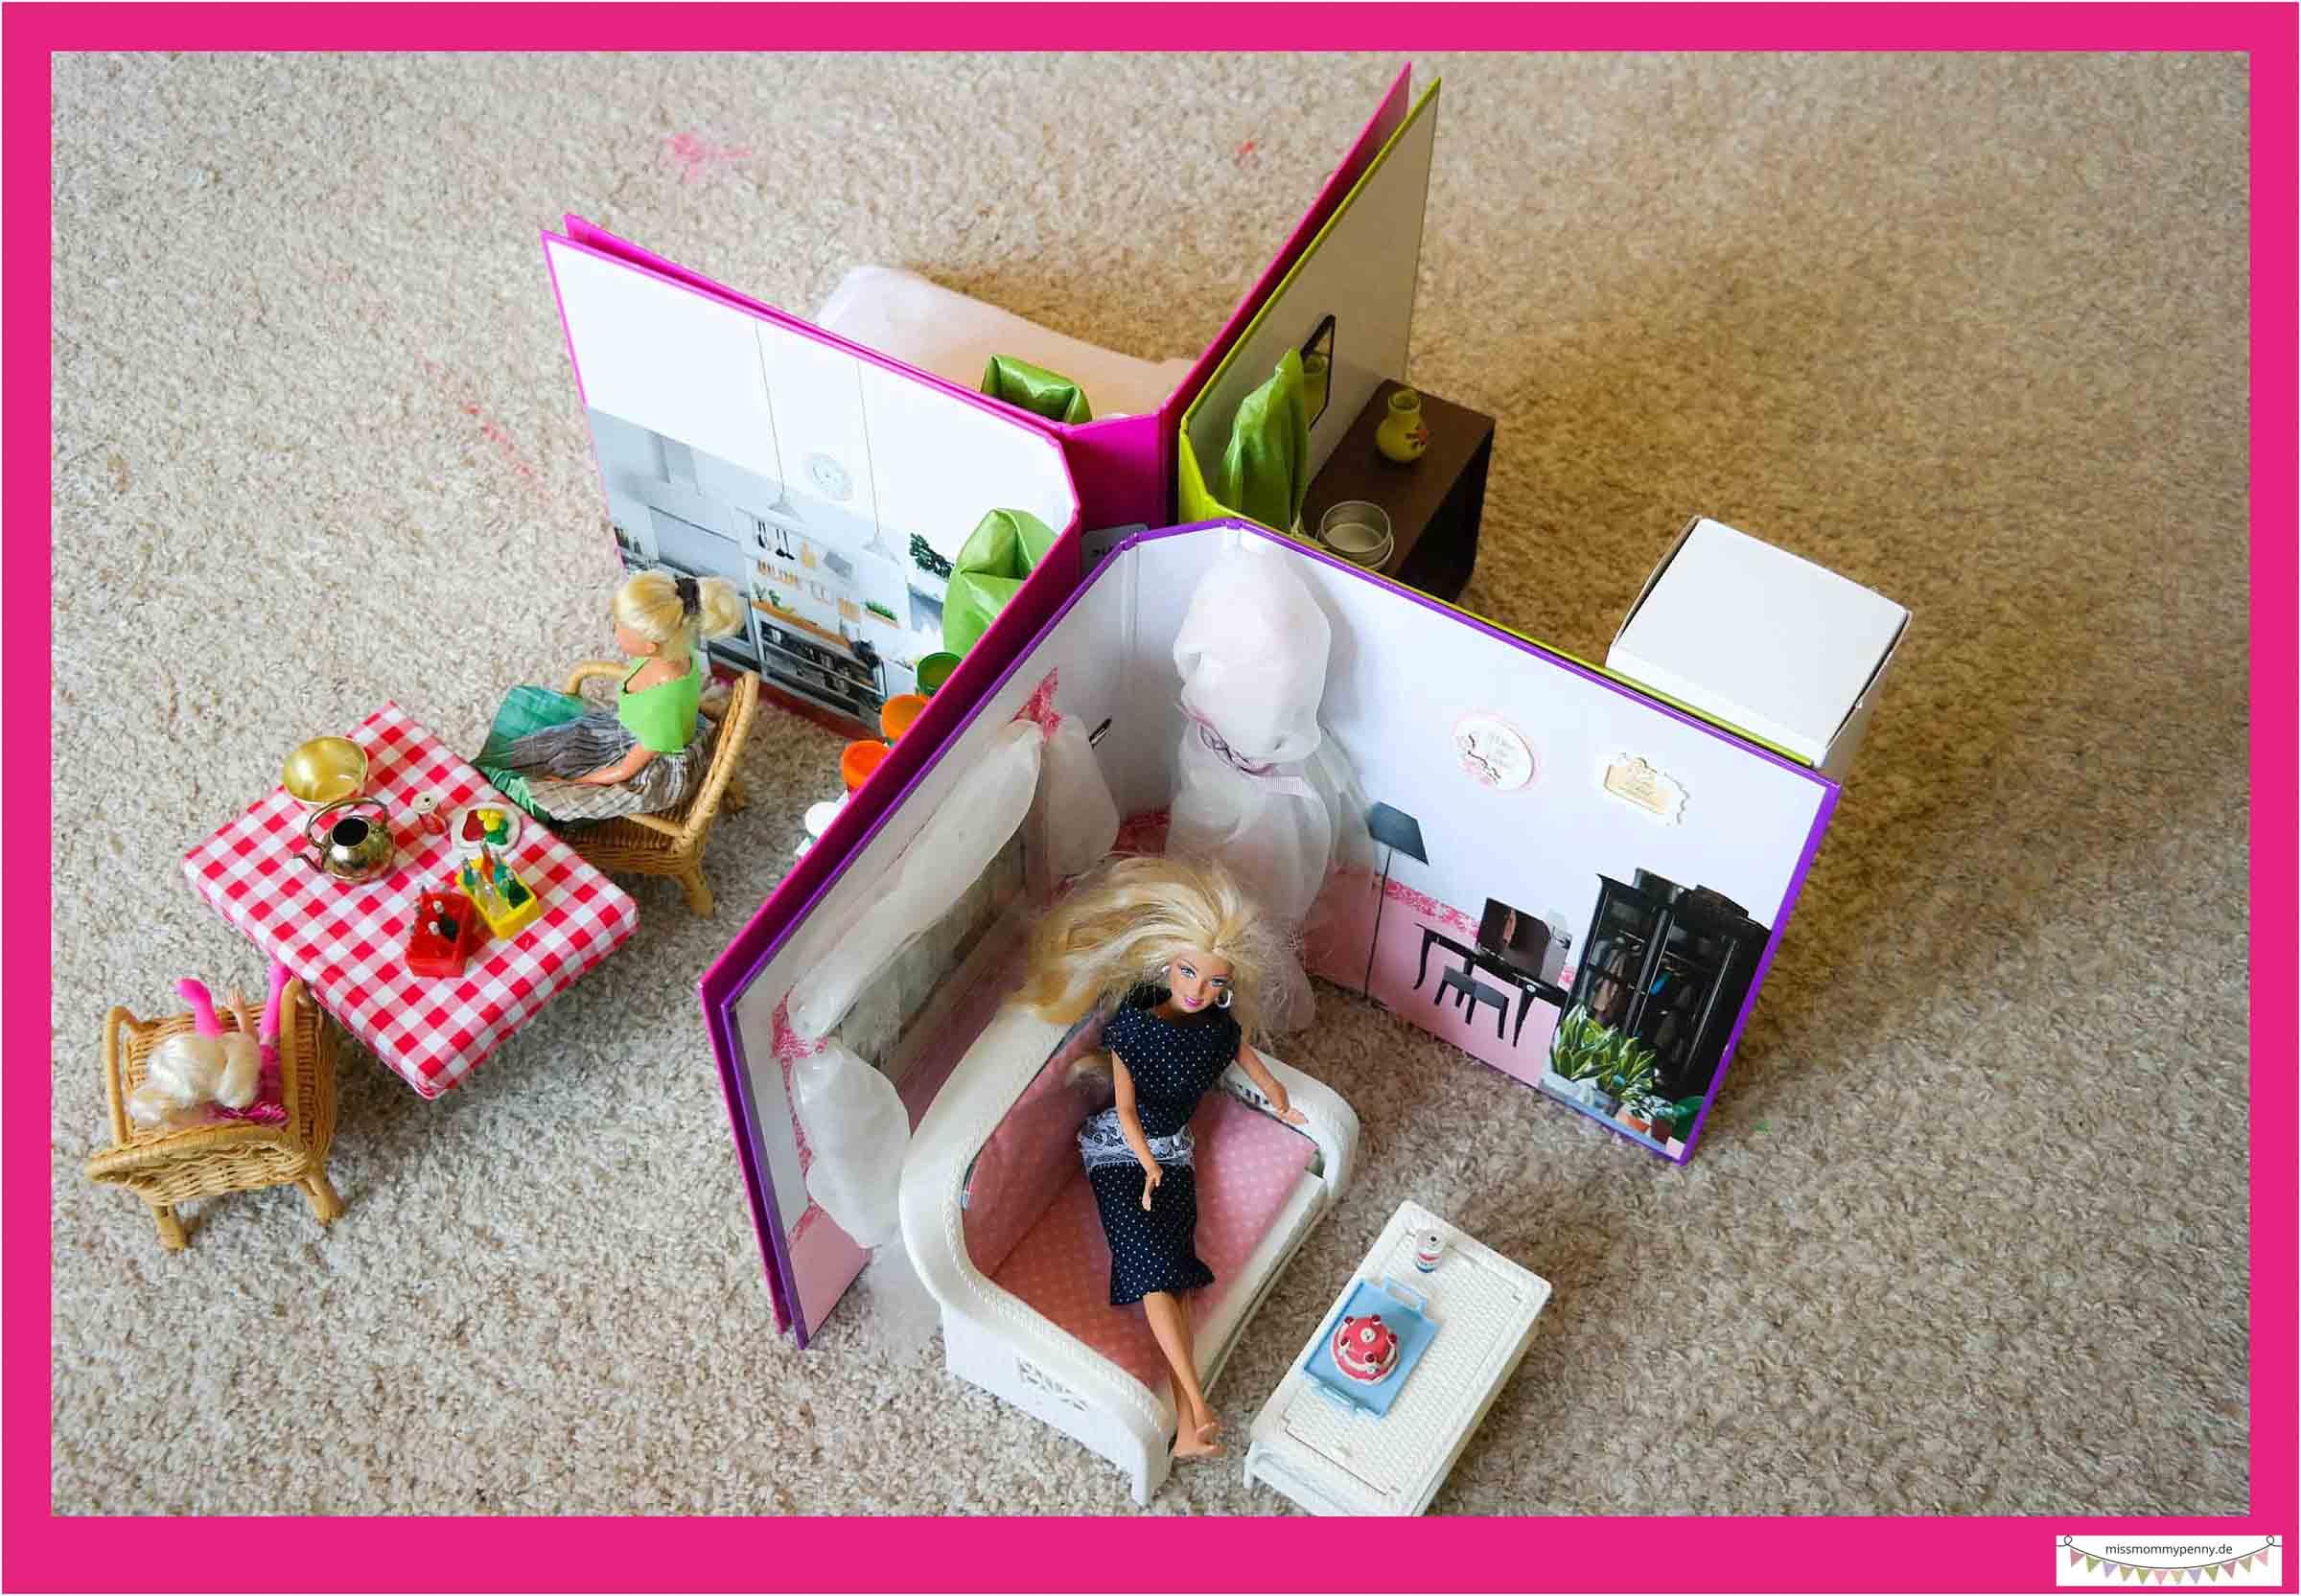 Barbiehaus auf kleinem Raum